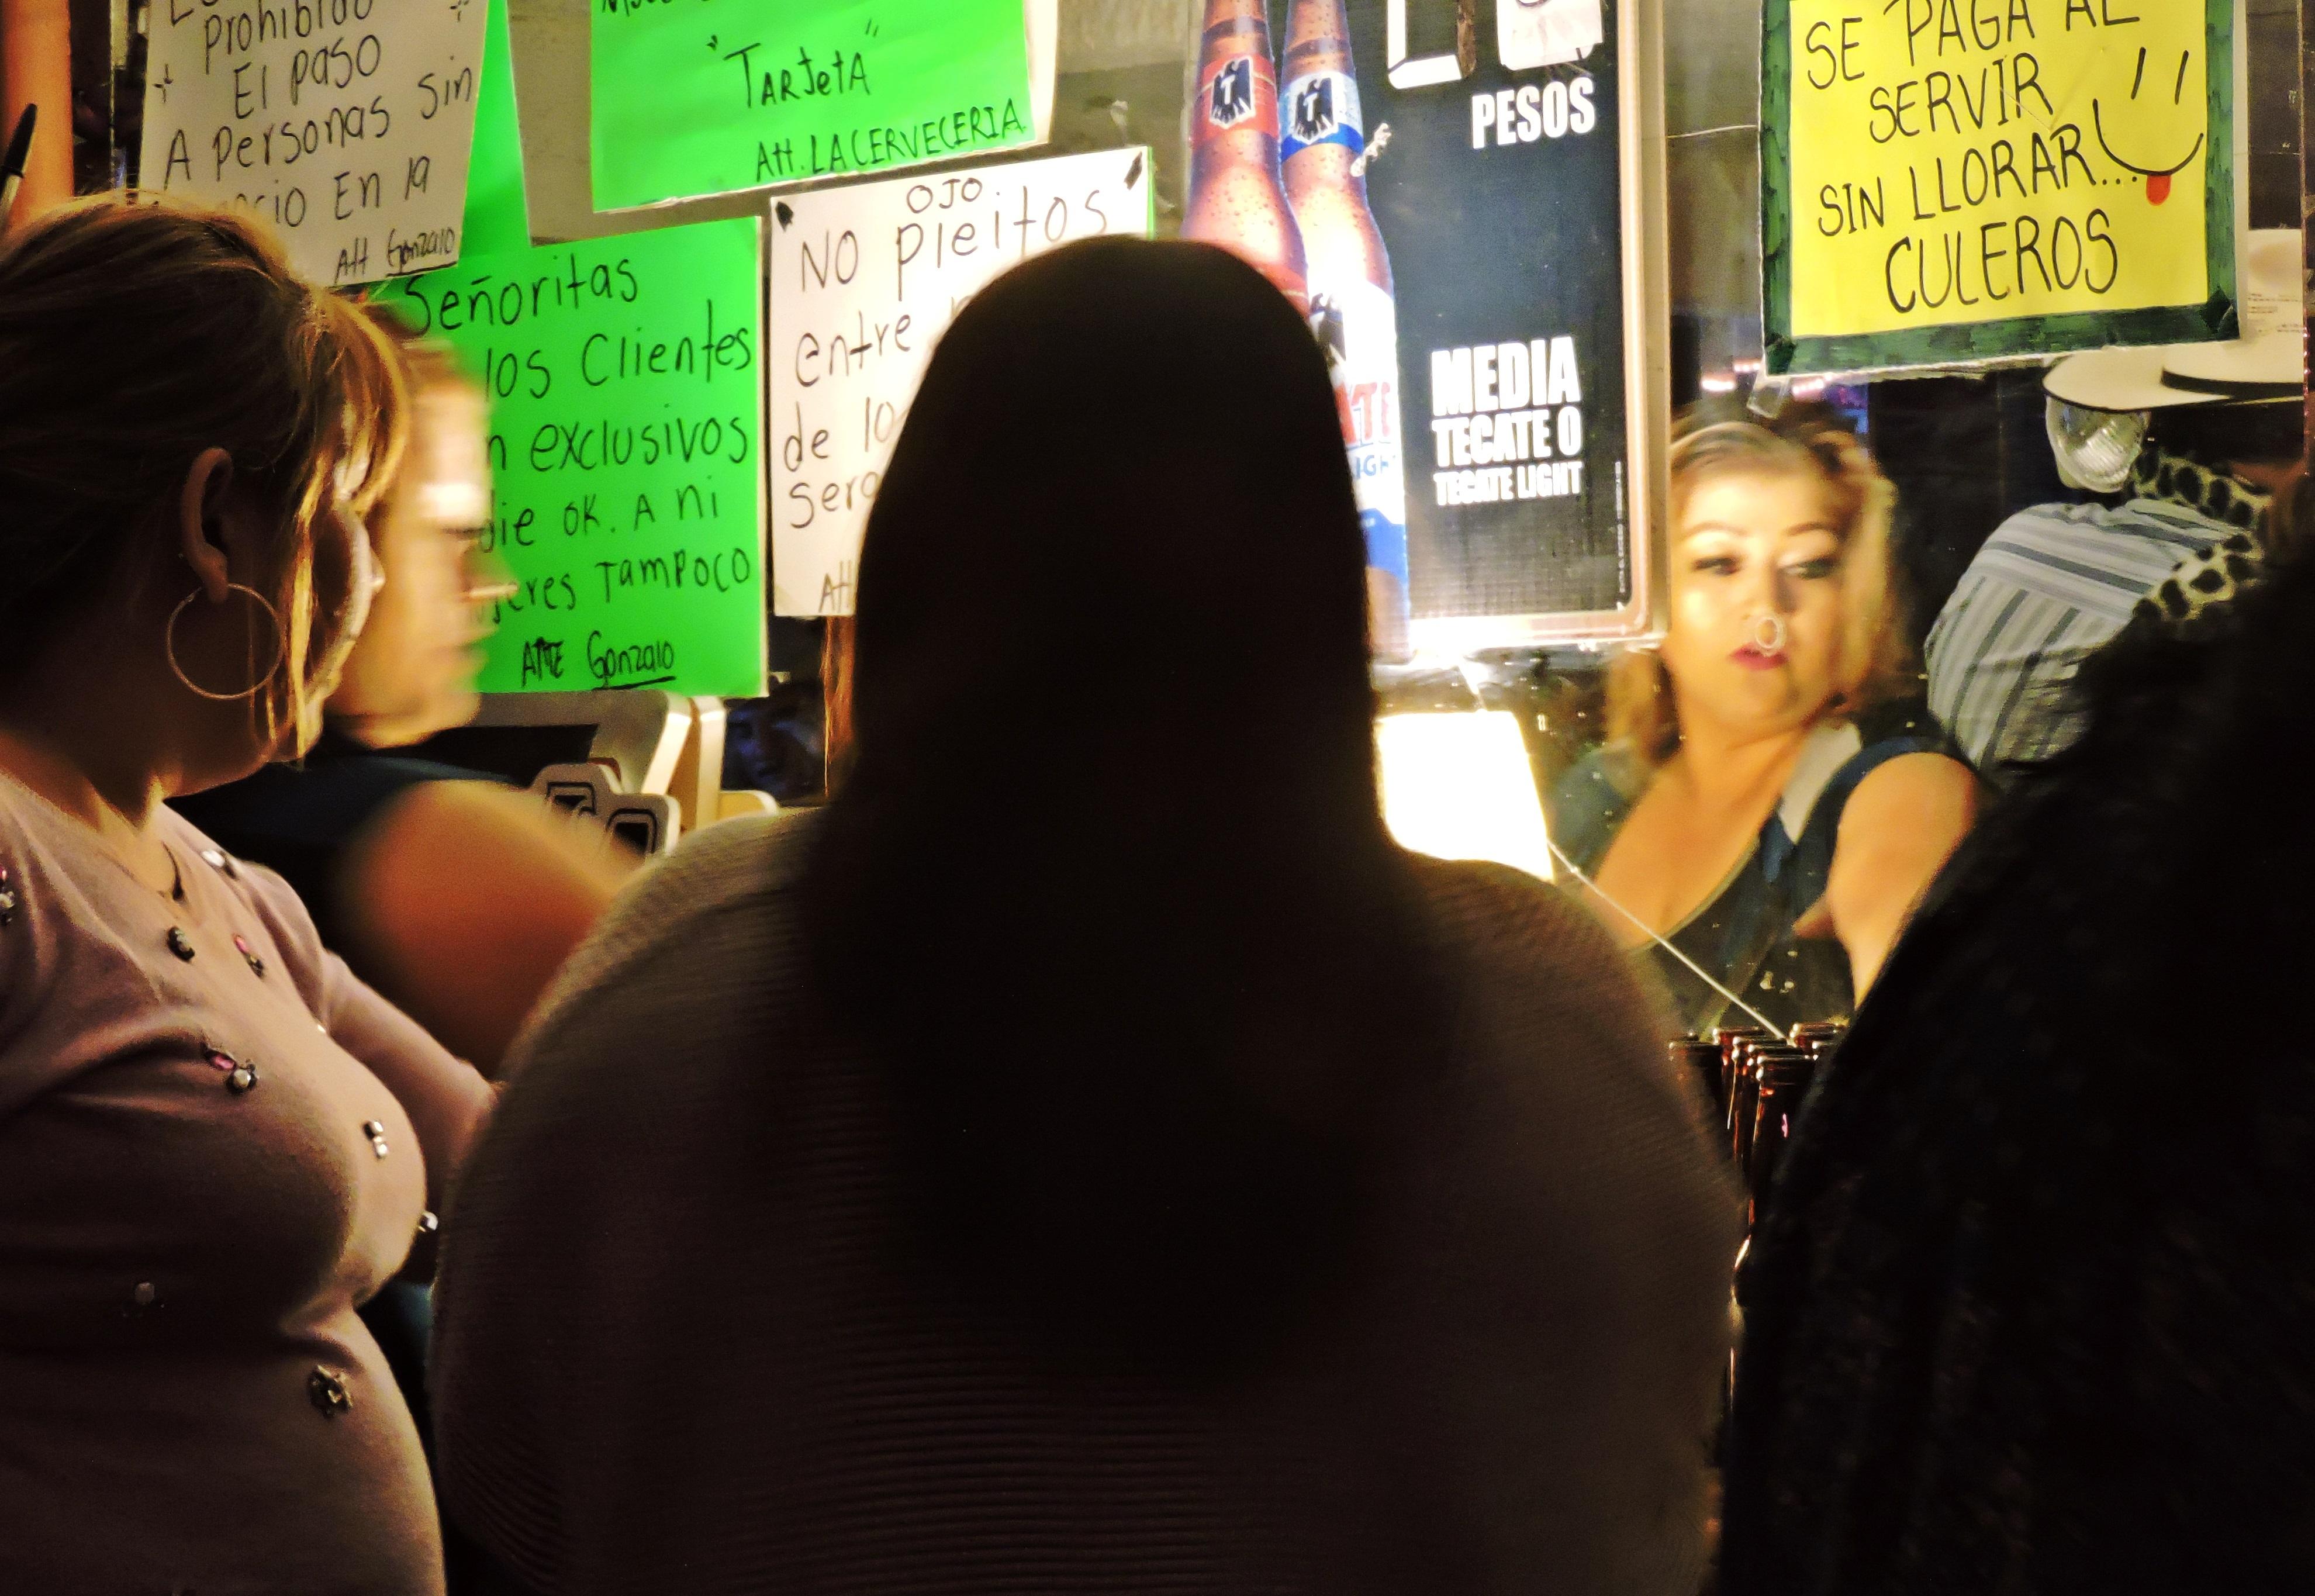 prostitutas enamoradas de clientes fiesta de prostitutas